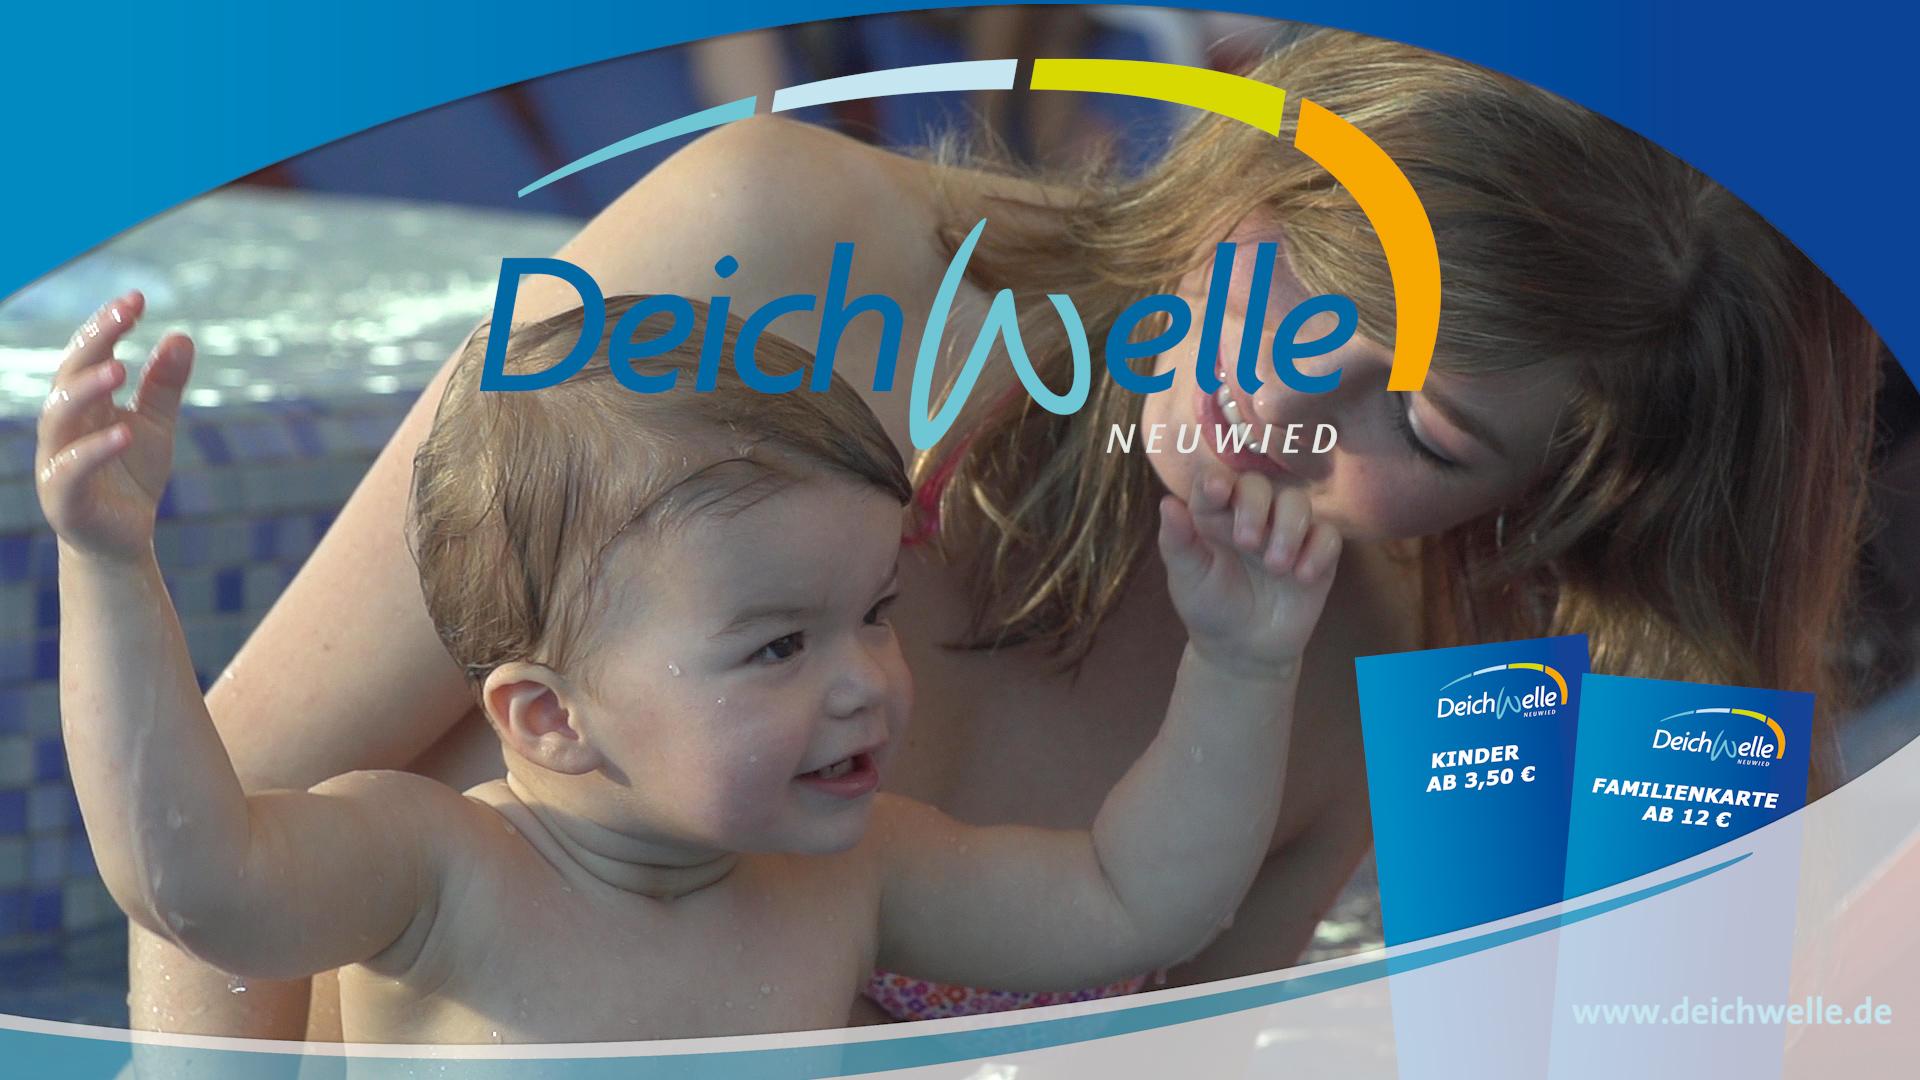 Deichwelle_01